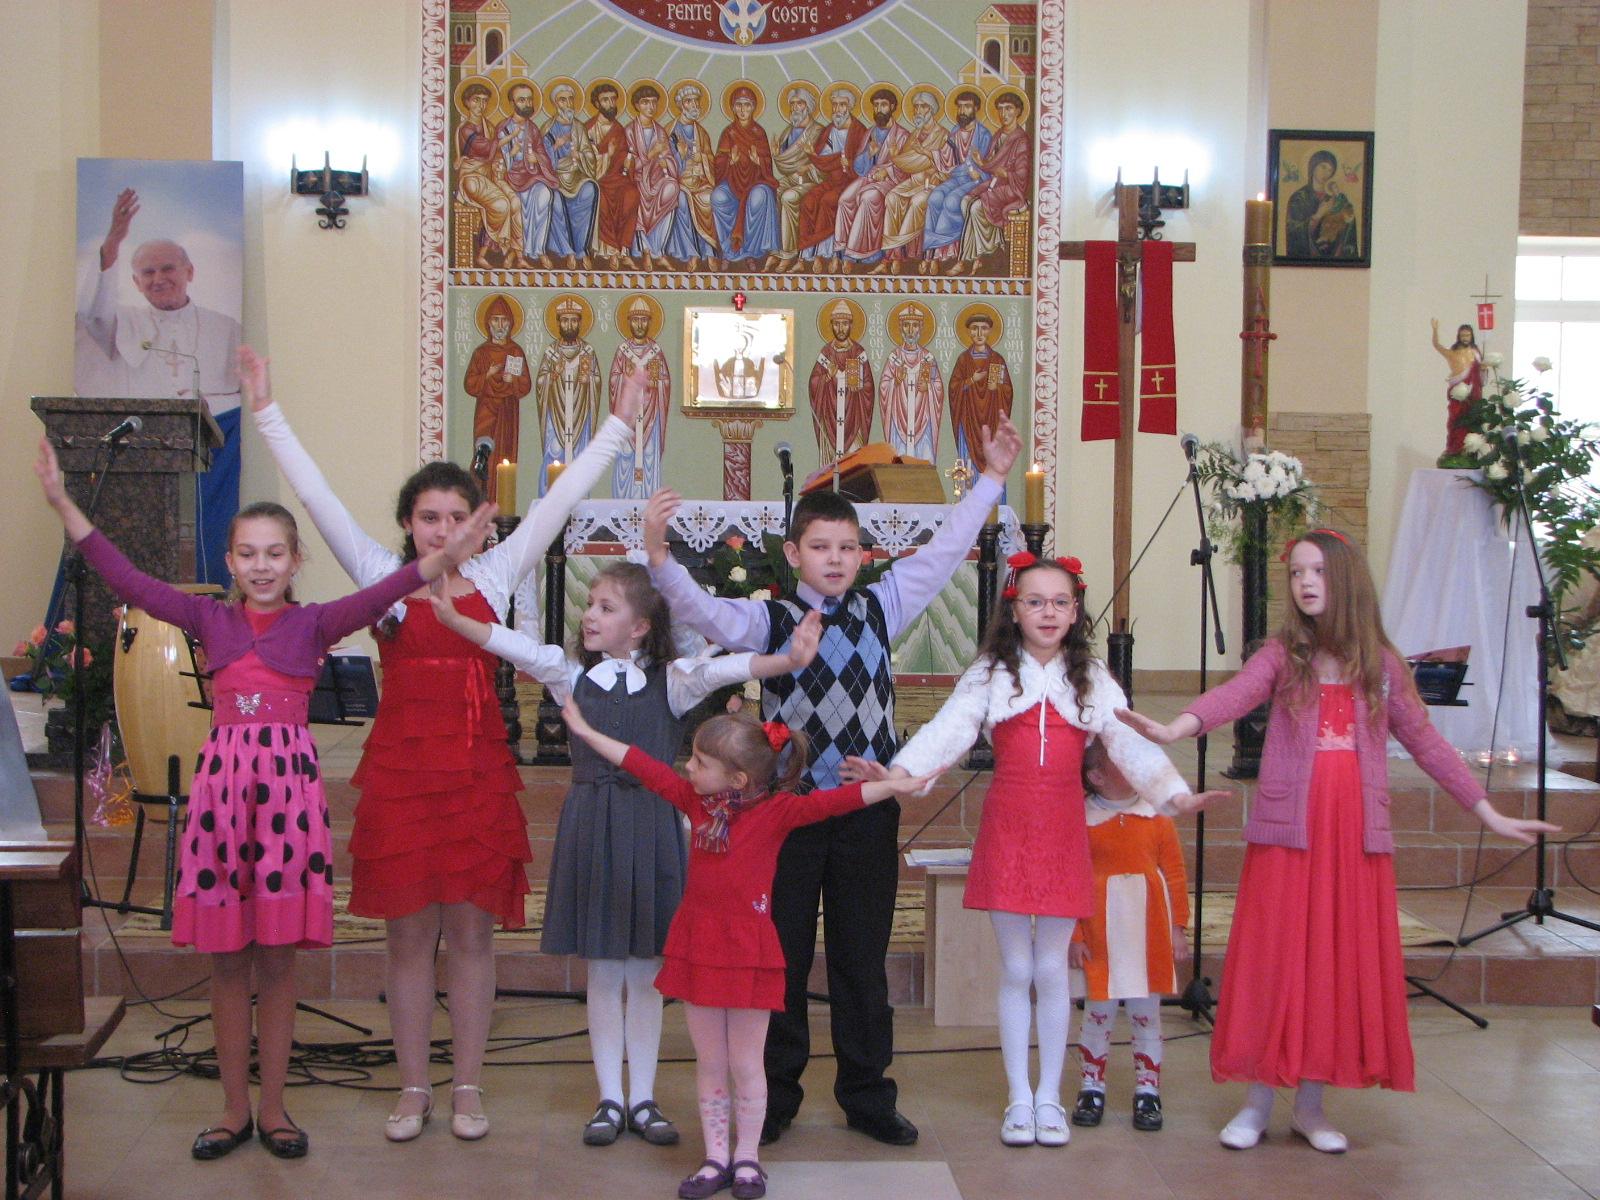 Białoruś, Witebsk: Podwójna uroczystość w II Niedzielę Wielkanocną